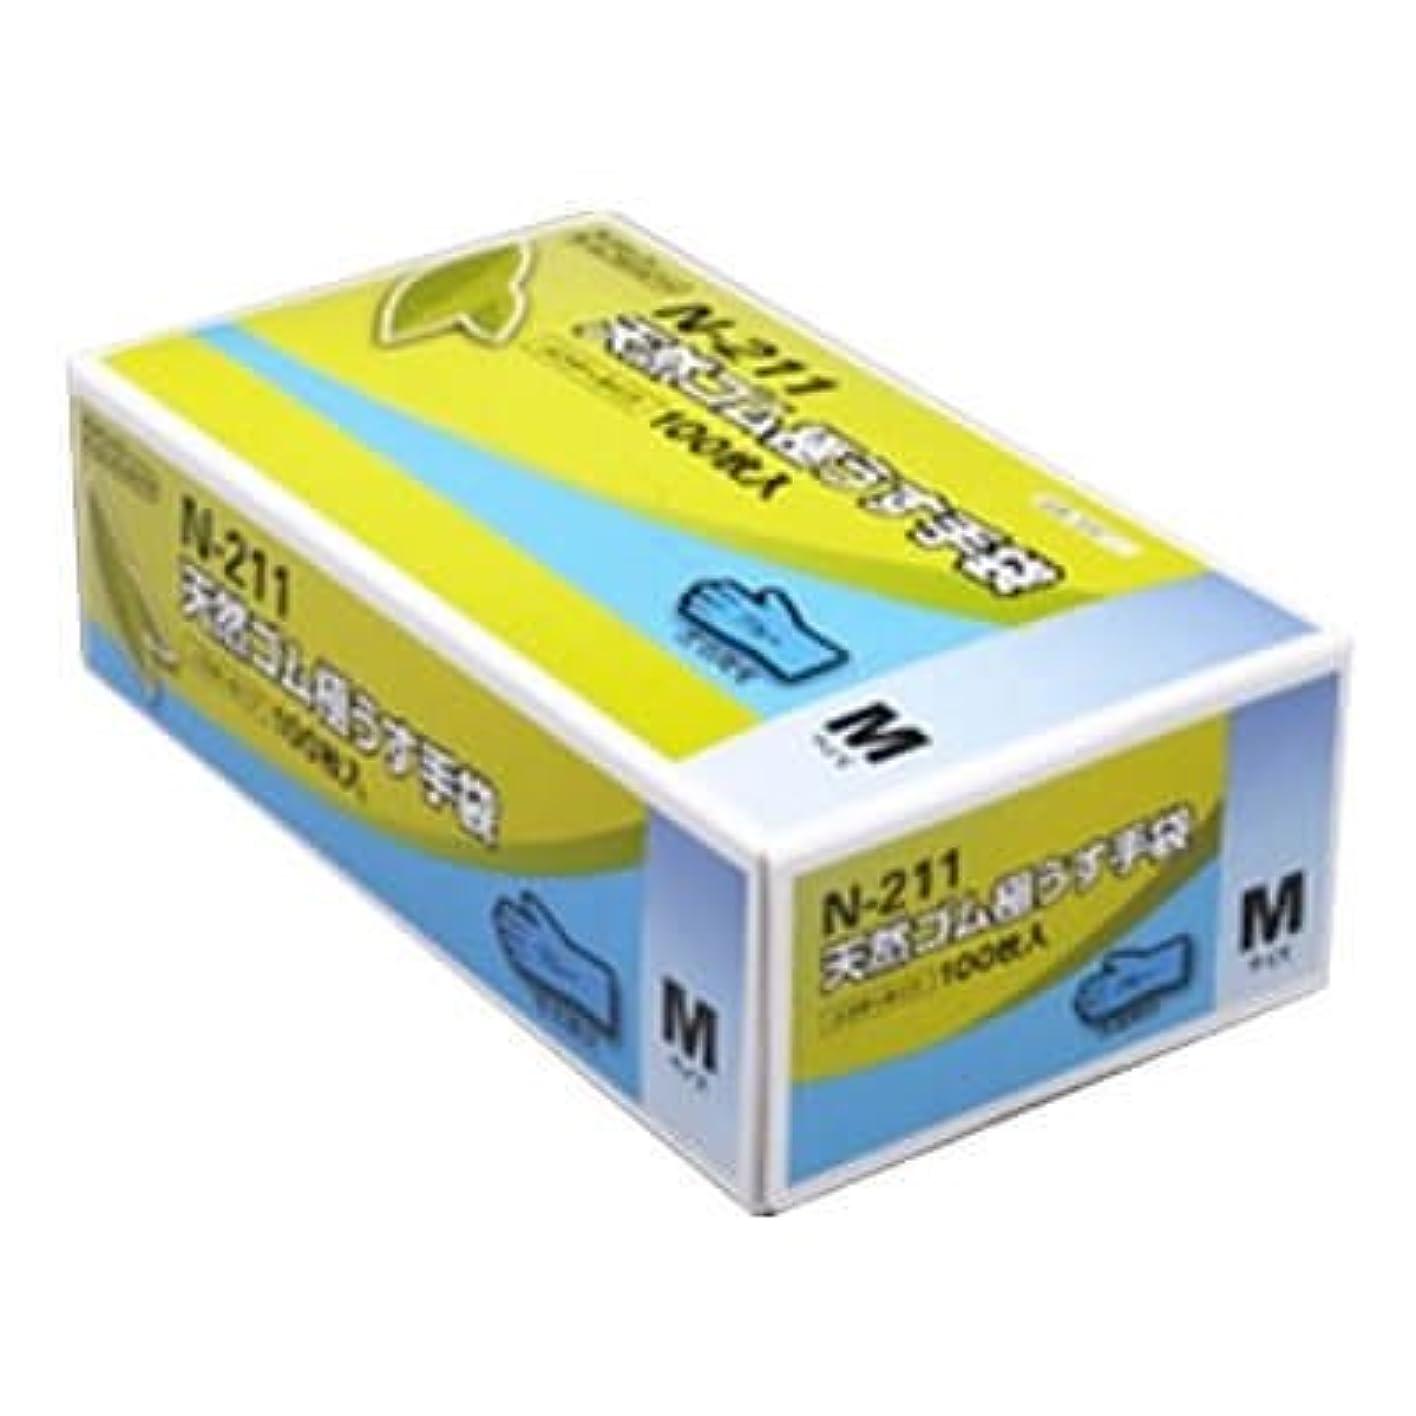 知らせる黒人原子炉【ケース販売】 ダンロップ 天然ゴム極うす手袋 N-211 M ブルー (100枚入×20箱)